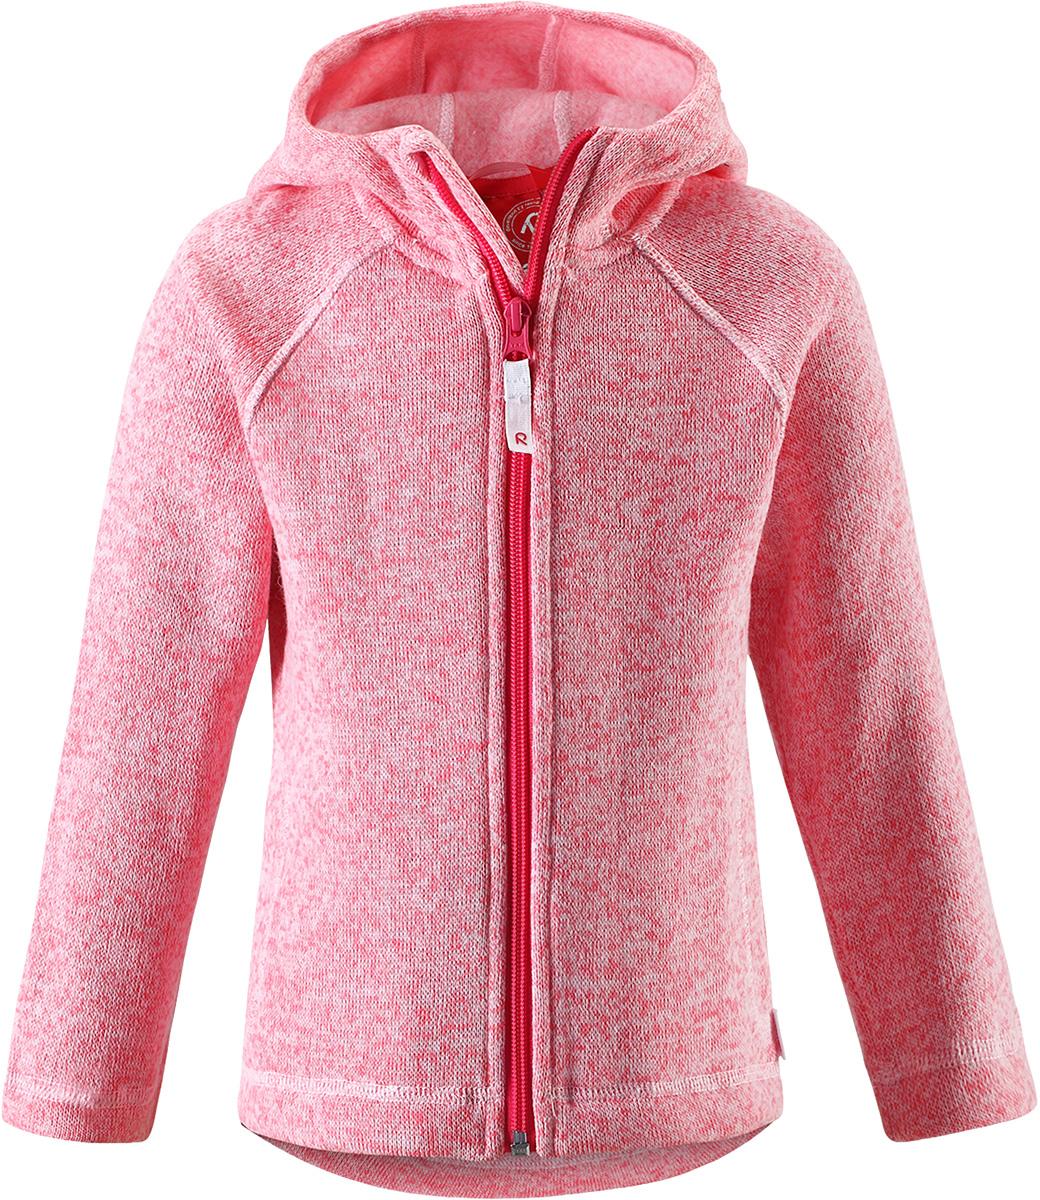 Толстовка флисовая детская Reima Pursi, цвет: розовый. 5262513360. Размер 1405262513360Детская флисовая толстовка Reima с капюшоном отличный вариант на прохладный день. Можно использовать как верхнюю одежду в сухую погоду весной и осенью или надевать в качестве промежуточного слоя в холода. Обратите внимание на удобную систему кнопок Play Layers, с помощью которой легко присоединить эту модель к одежде из серии Reima Play Layers и обеспечить ребенку дополнительное тепло и комфорт. Высококачественный флис - это теплый, легкий и быстросохнущий материал, он идеально подходит для активных прогулок. Удлиненная спинка обеспечивает дополнительную защиту для поясницы, а молния во всю длину с защитой для подбородка облегчает надевание.